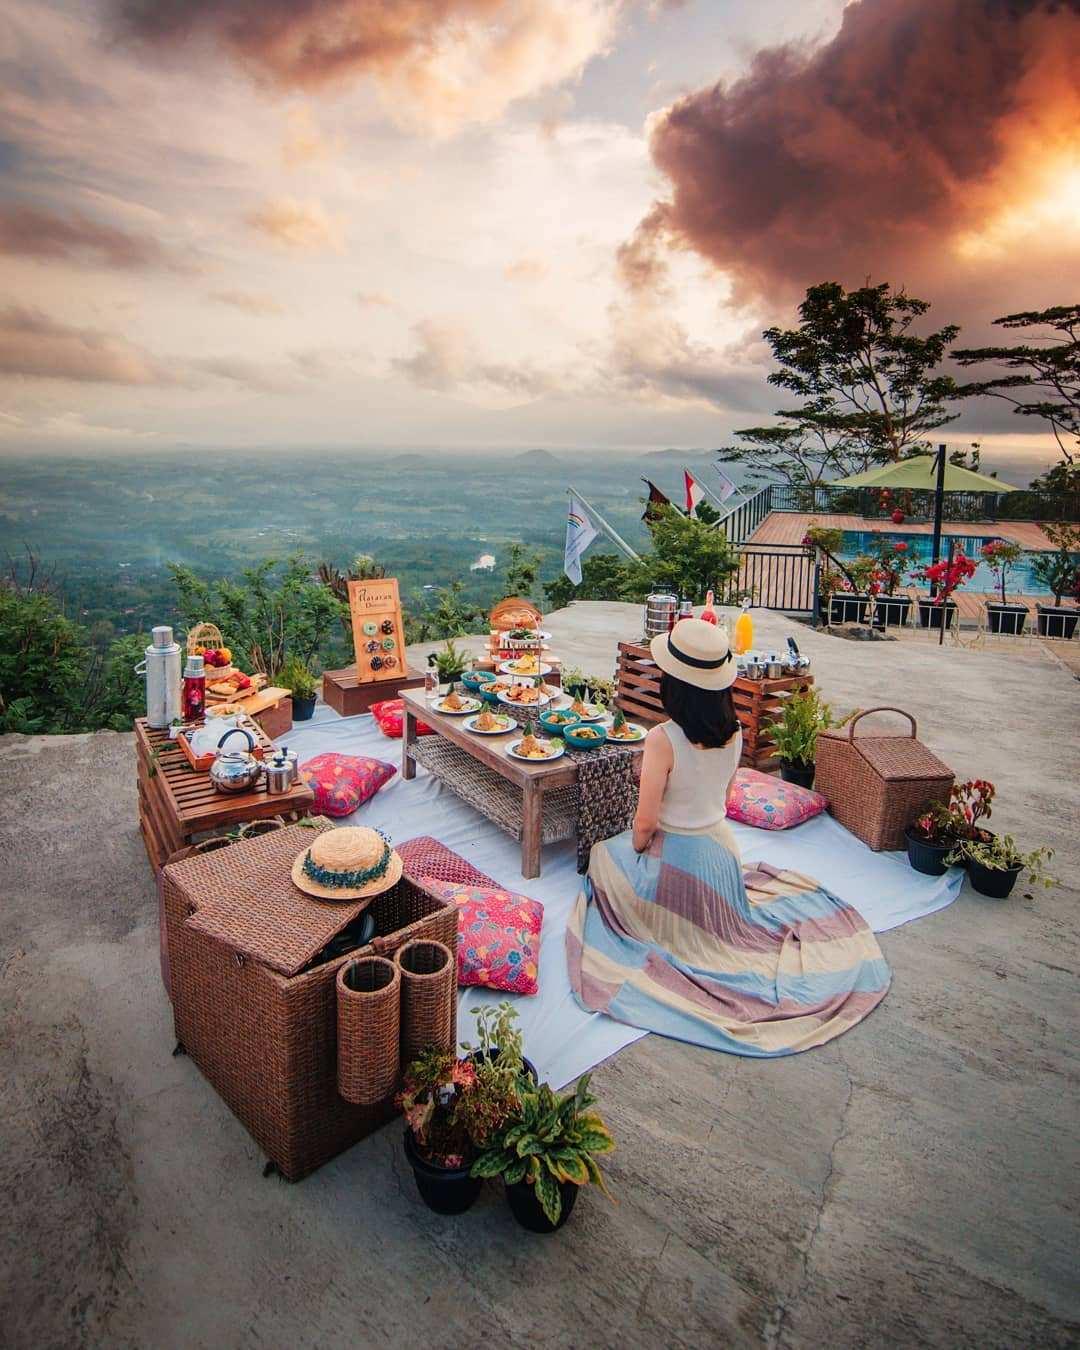 Menikmati Piknik Dengan Suasana Pemandangan Yang Indah di Mata Langit Image From @nanang_adisusilo